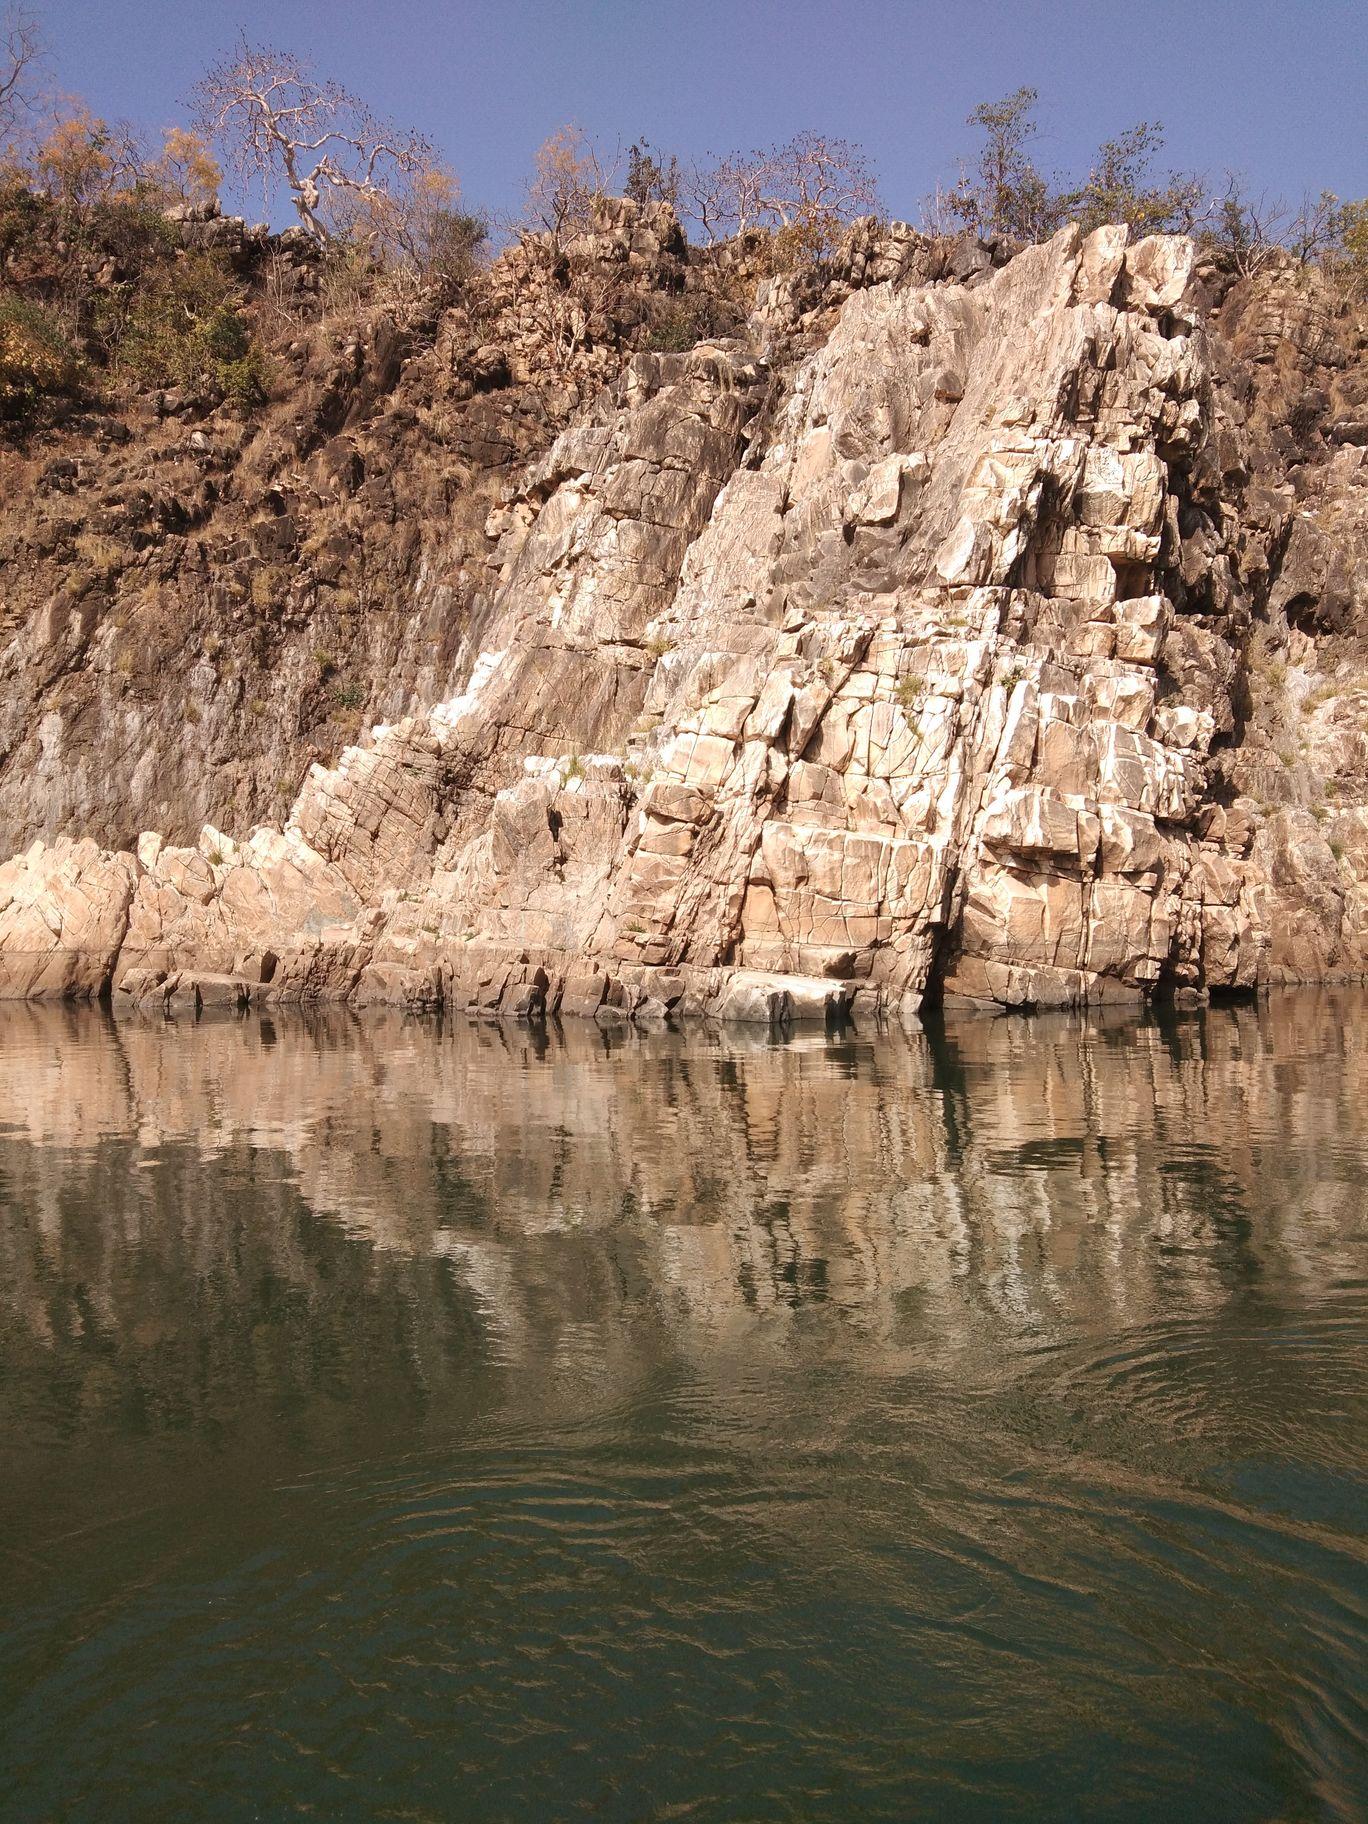 Photo of Dhuandhar Water Fall By shweta vivek bhatara